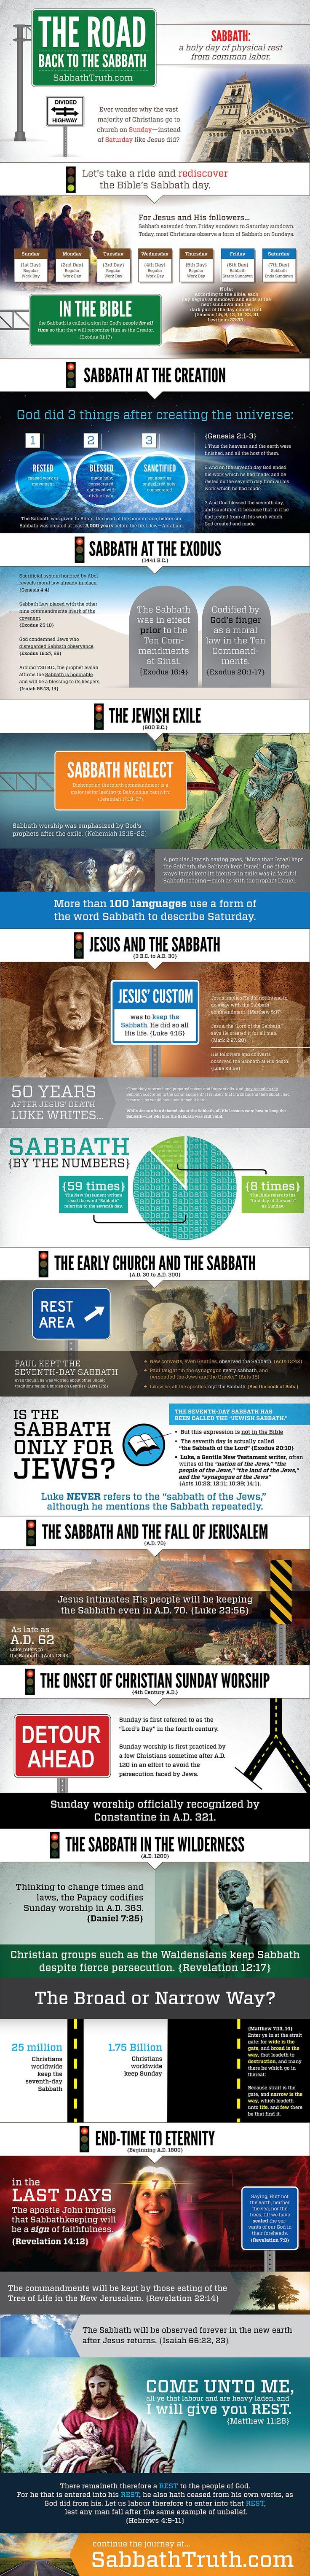 Why do Christians go to church on